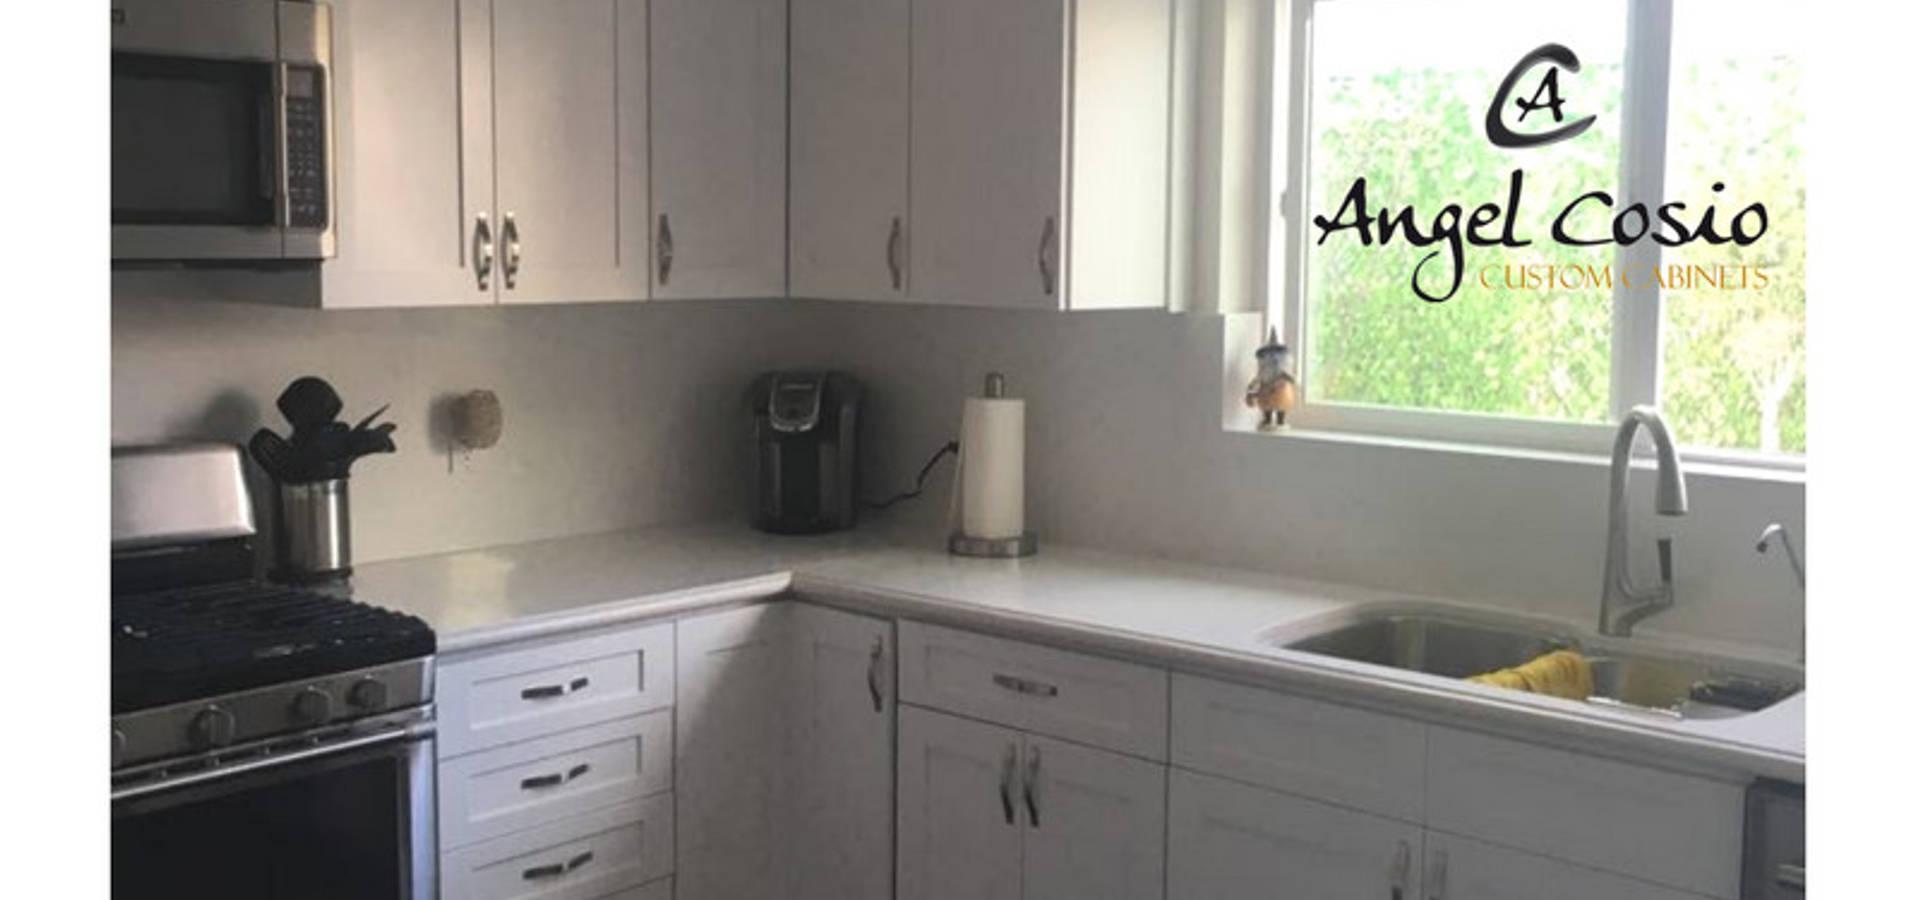 Angel Cosio Cocinas y Muebles: Diseñadores de cocinas en ...